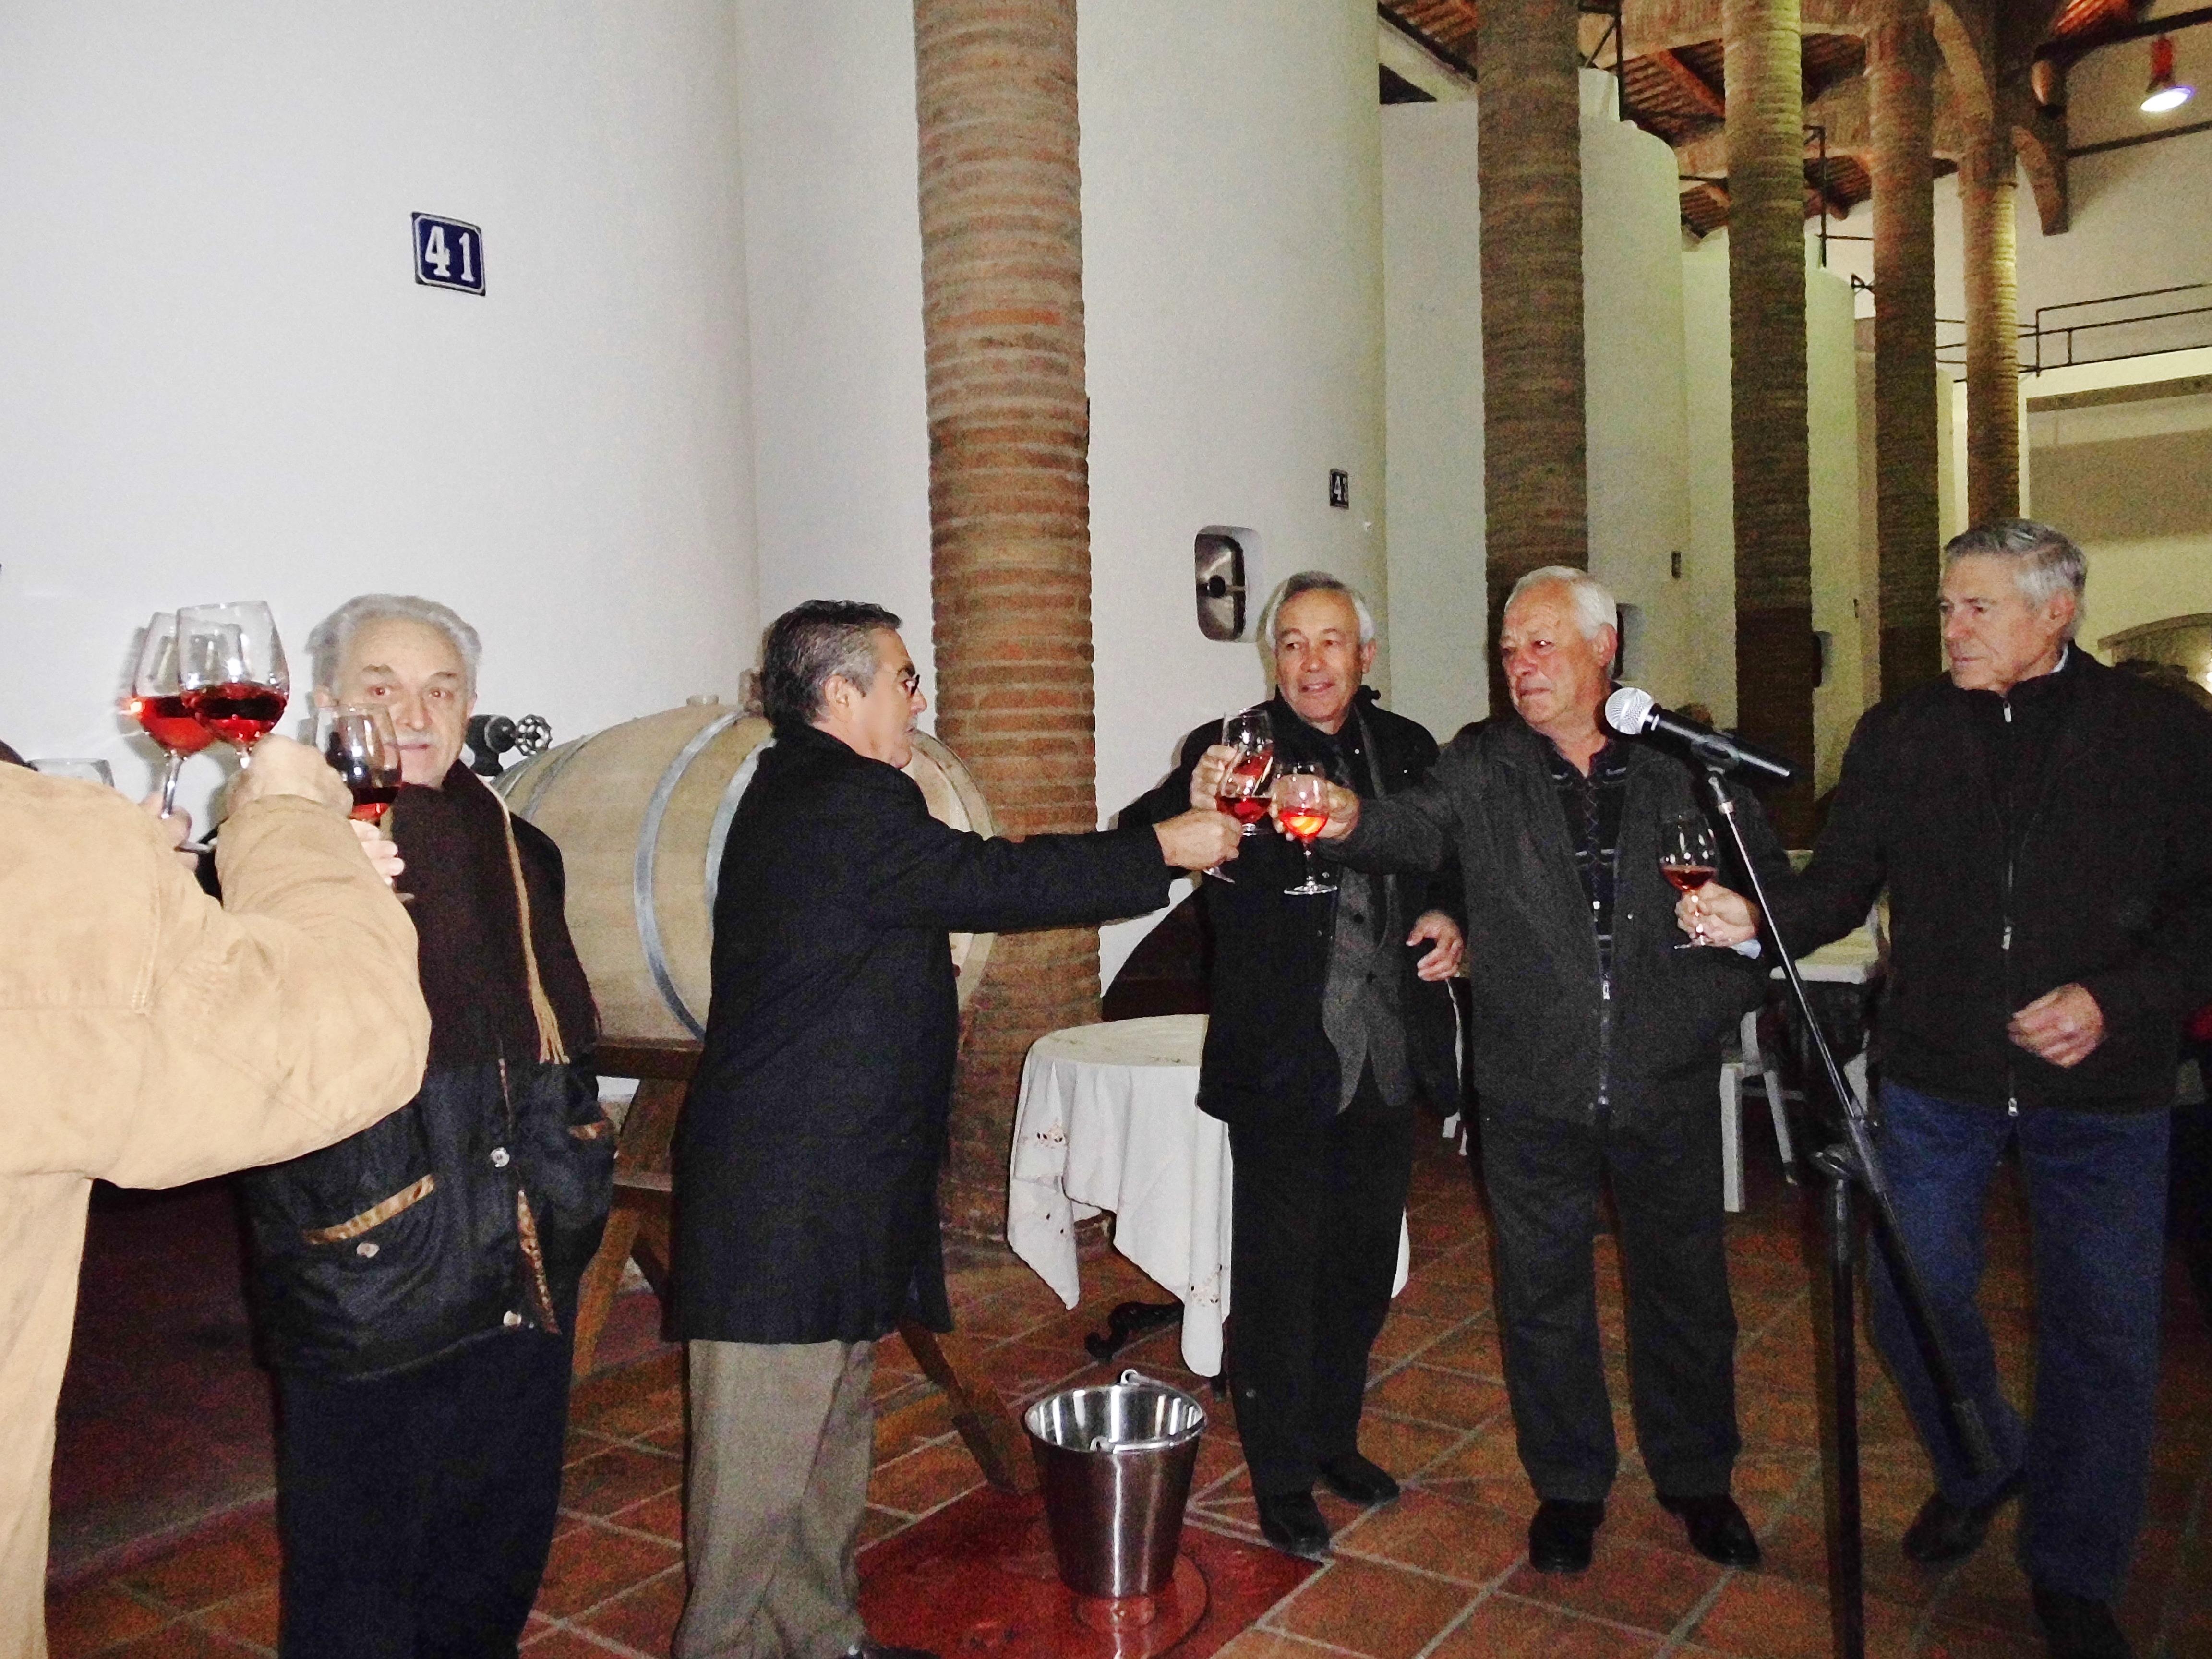 Brindis inaugural de la fiesta junto al presidente y representantes de la entidad